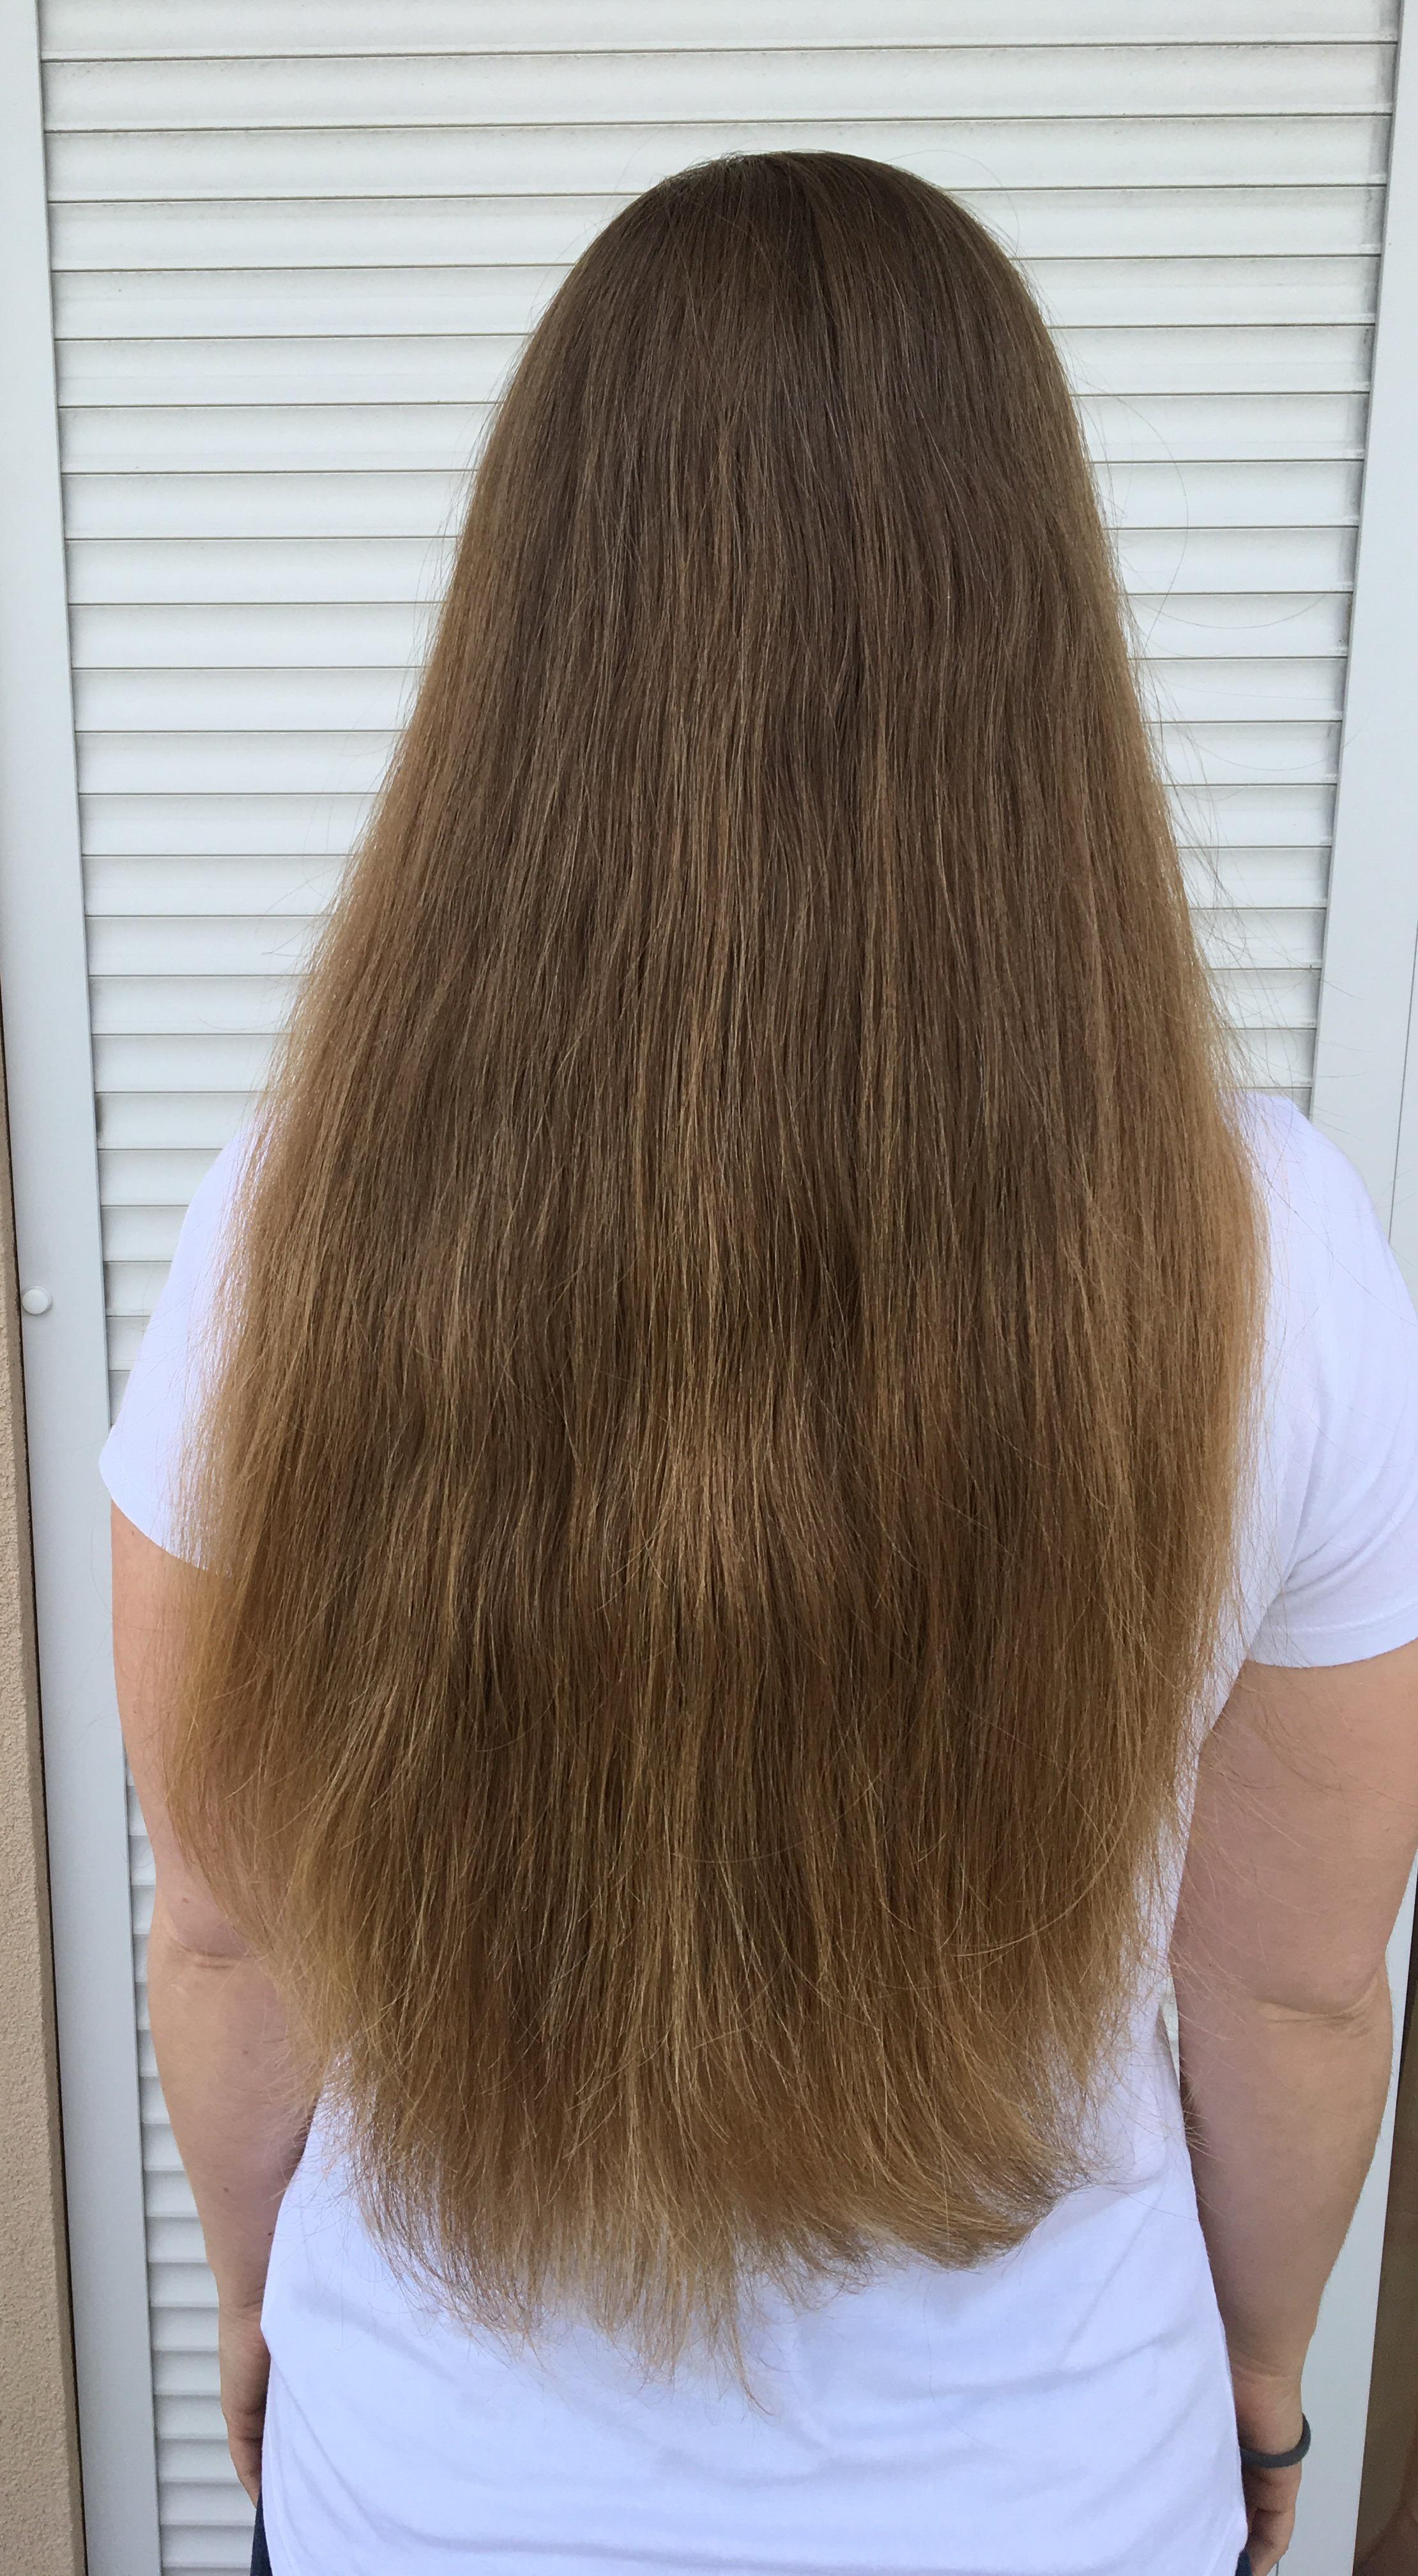 Egy kép amikor a haj ki van engedve